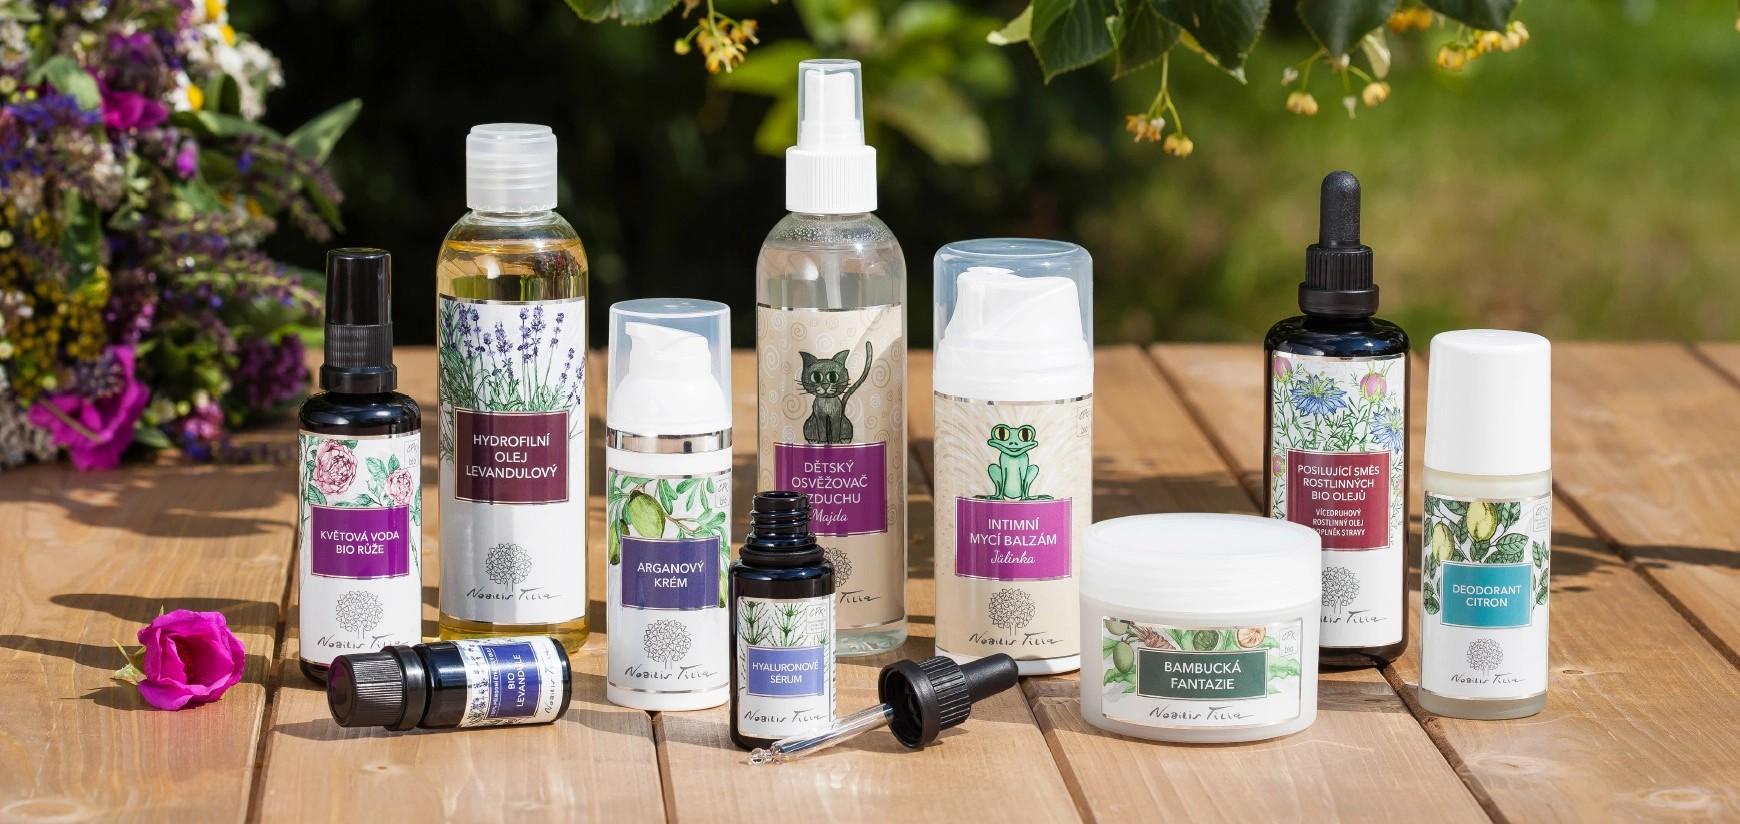 Certifikovaná kosmetika: záruka kvality a přírodního původu 1